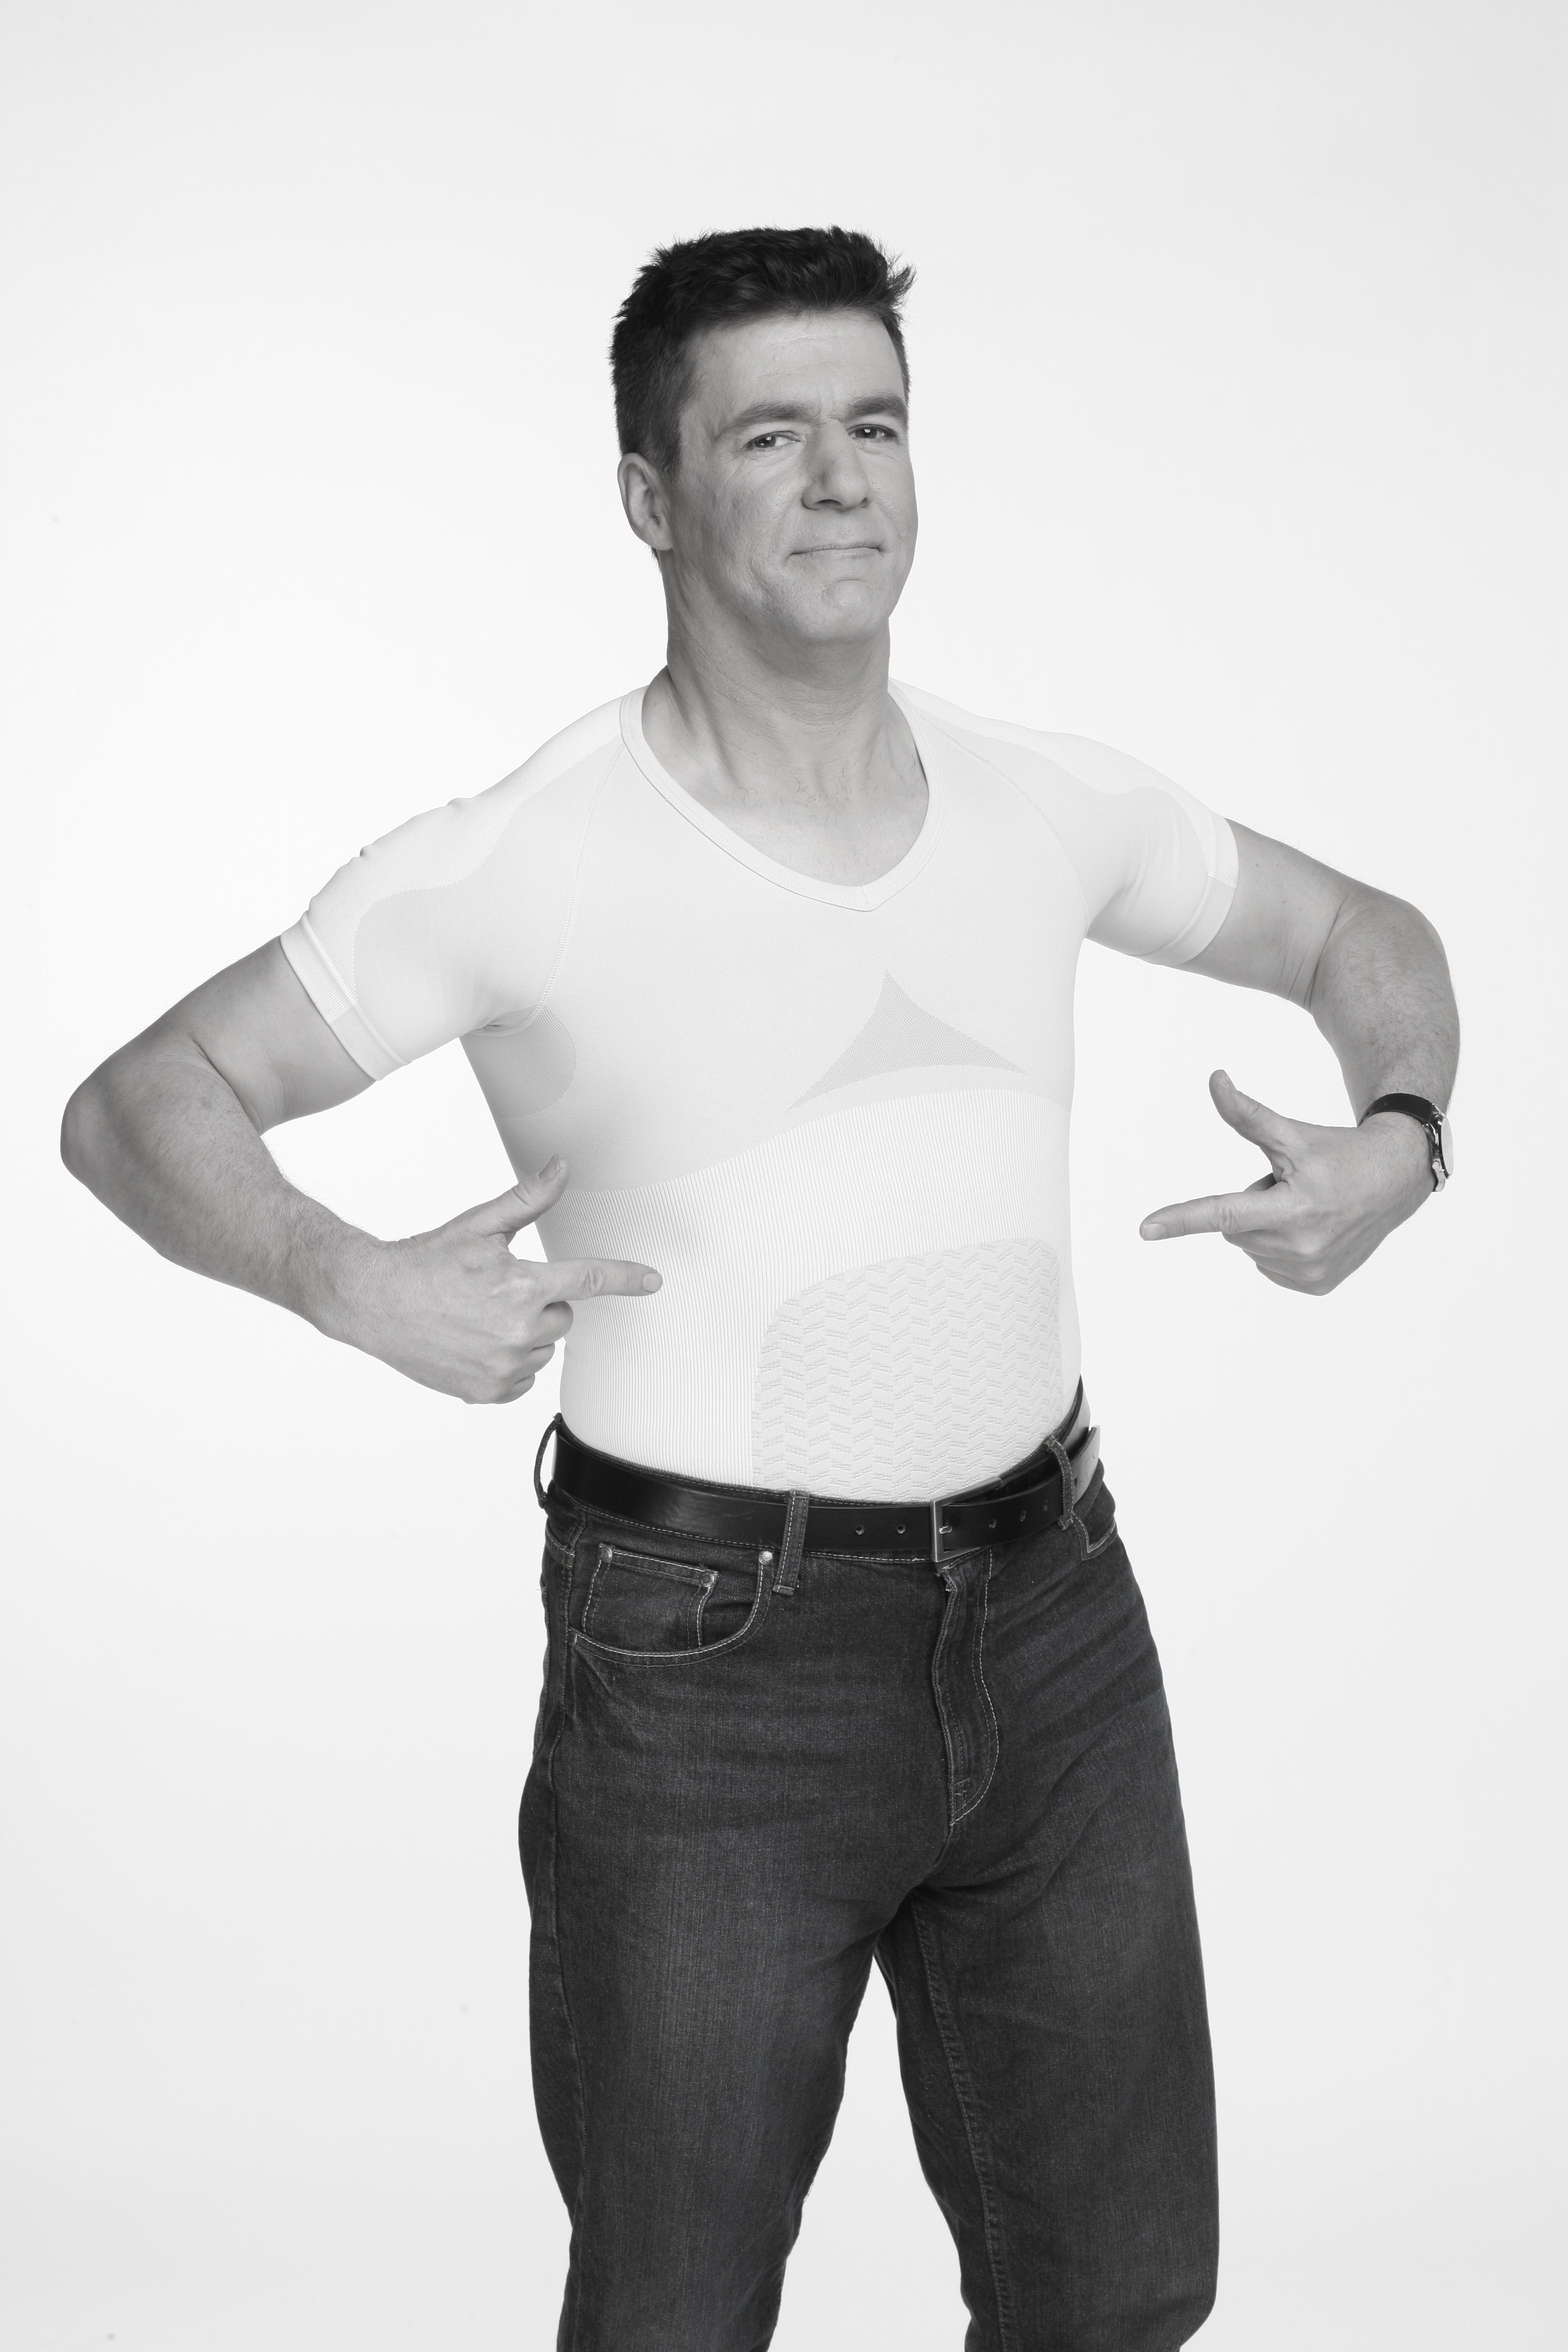 Men's body-sculpting underwear: new niche